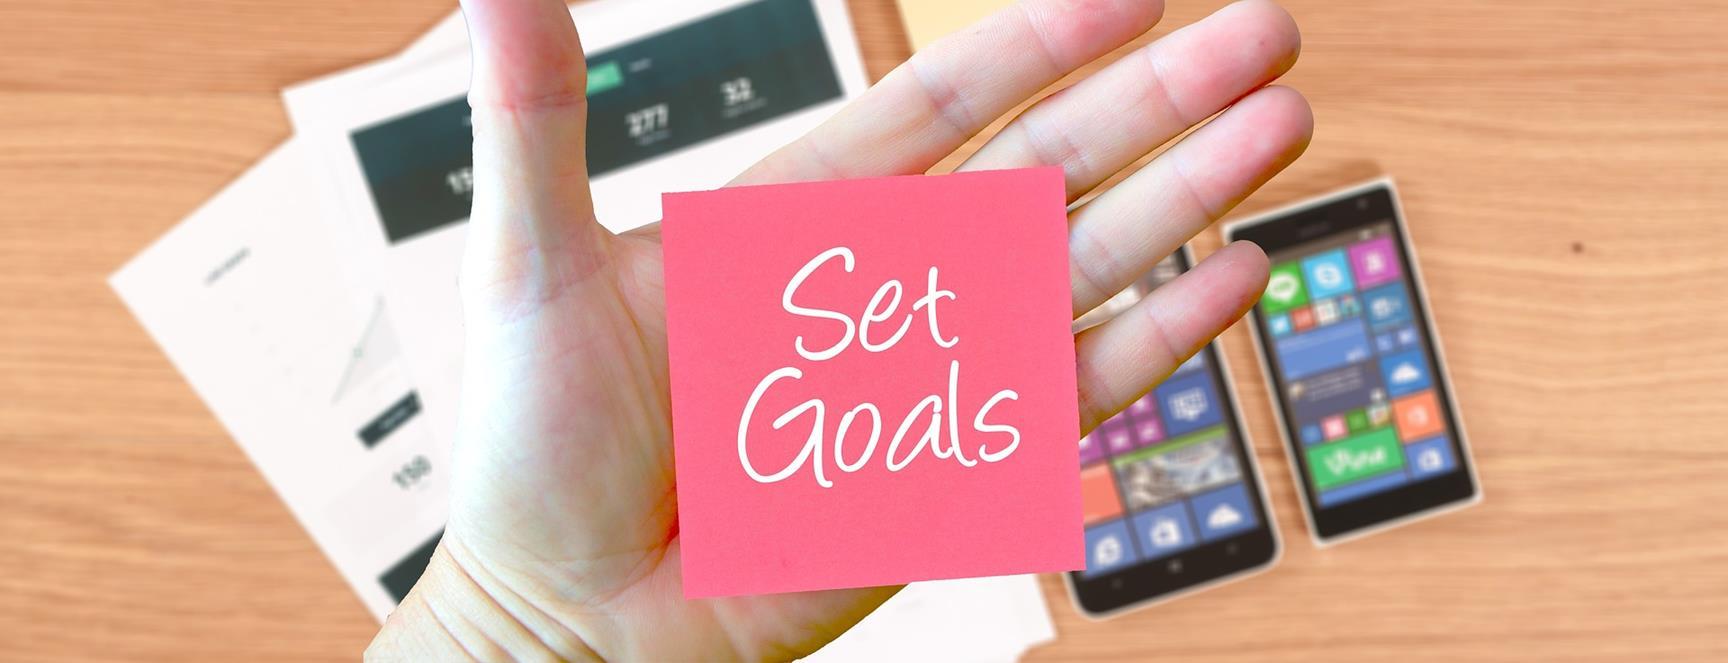 הגדרת מטרות בתוכנית עסקית